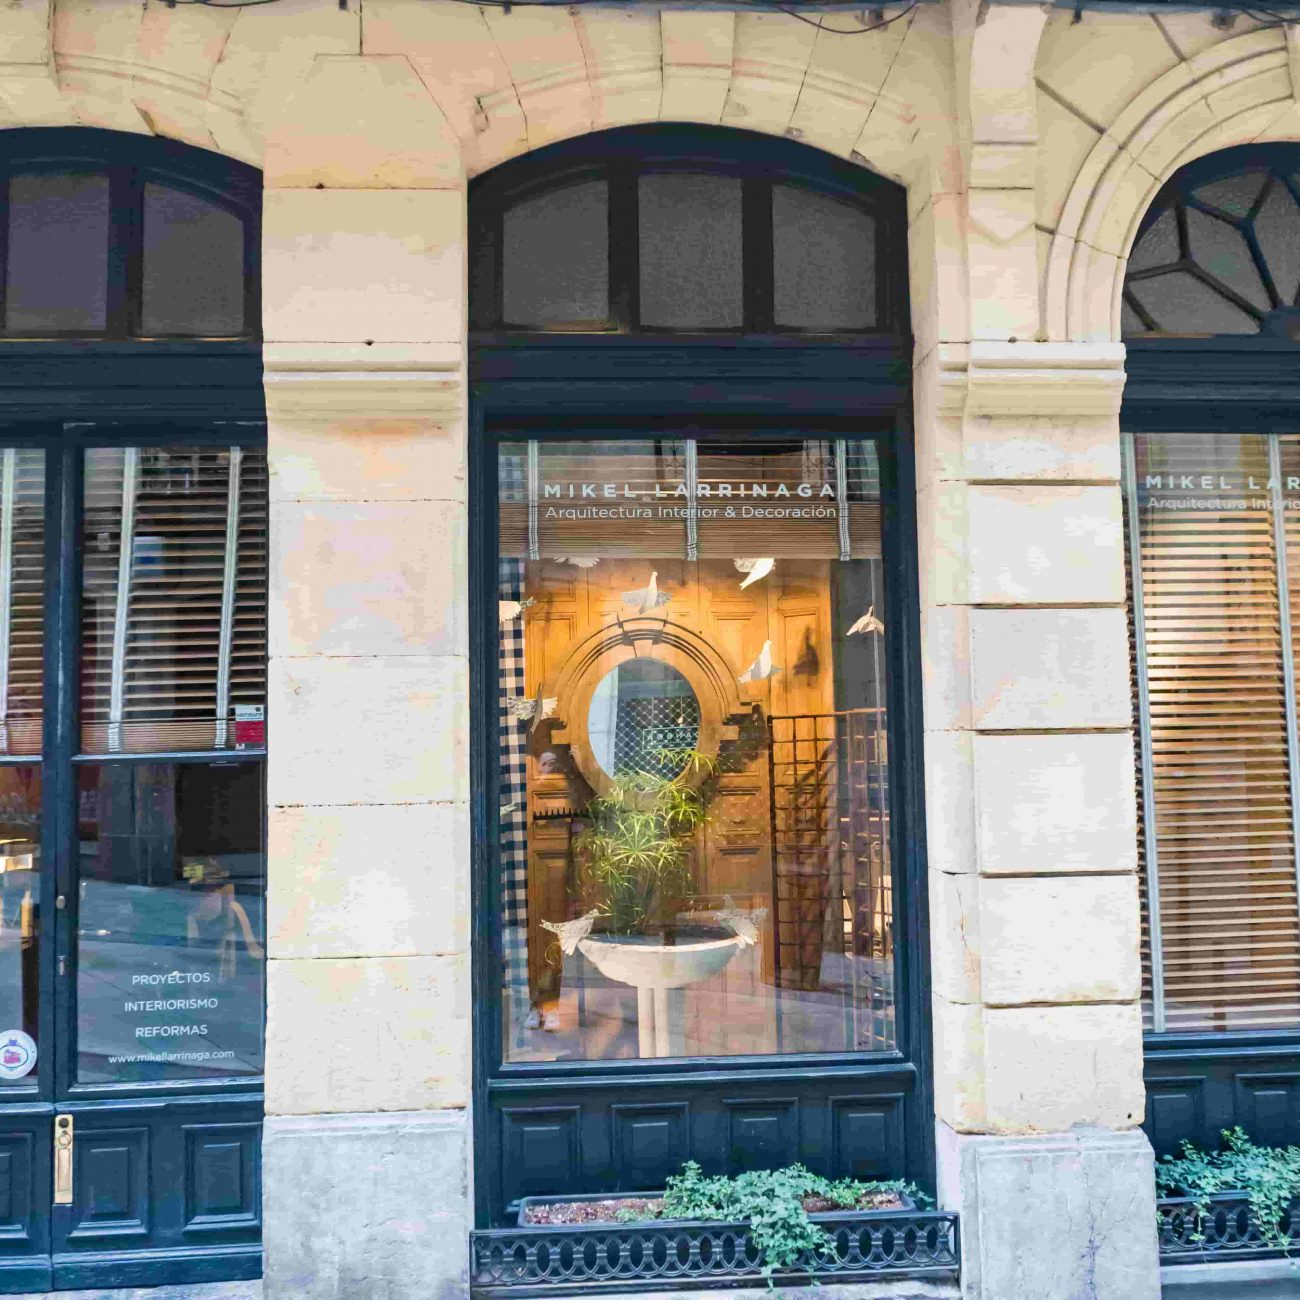 Decoración y Arquitectura interior Mikel Larrinaga